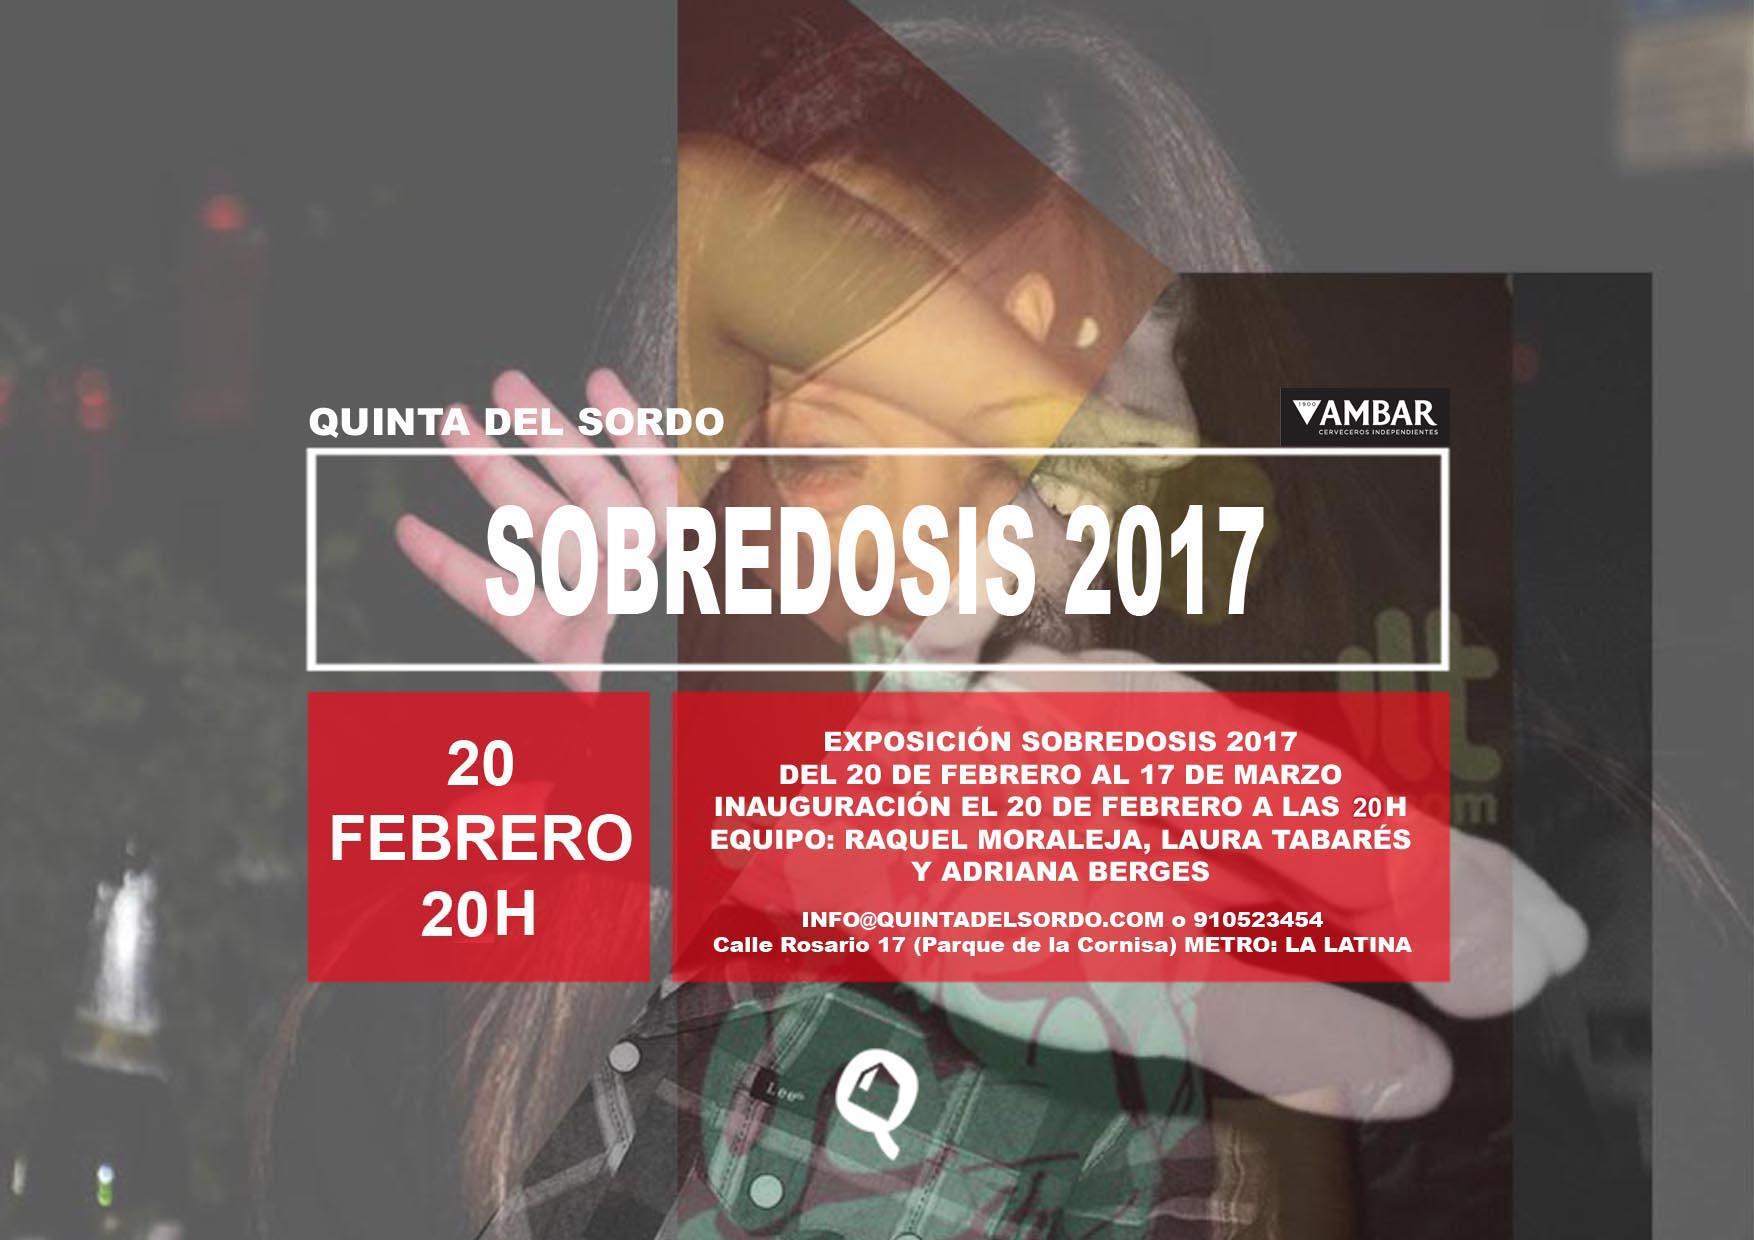 CARTEL SOBREDOSIS